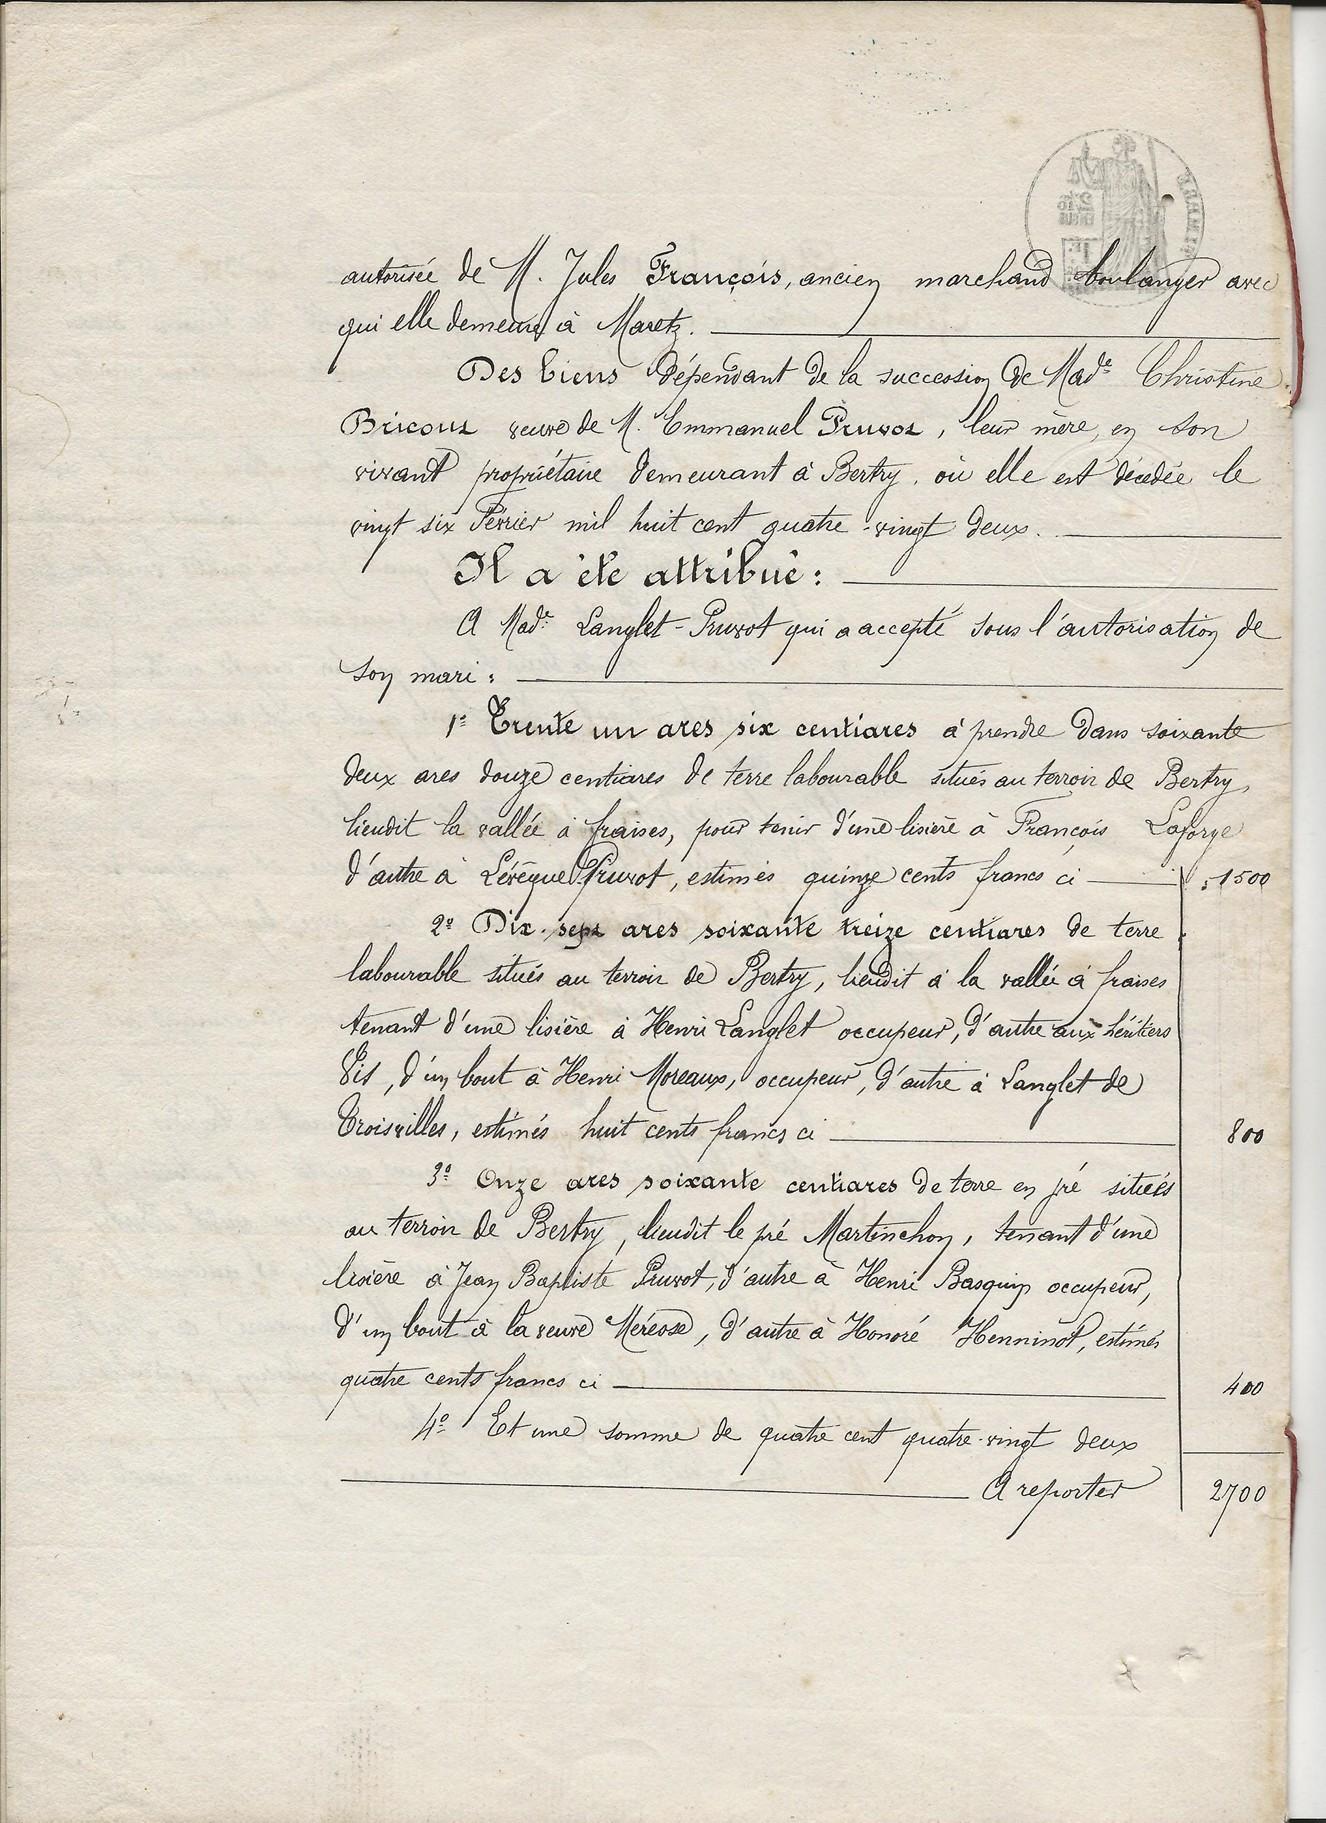 1882 succession partage de ch bricout veuve emmanuel pruvot 002